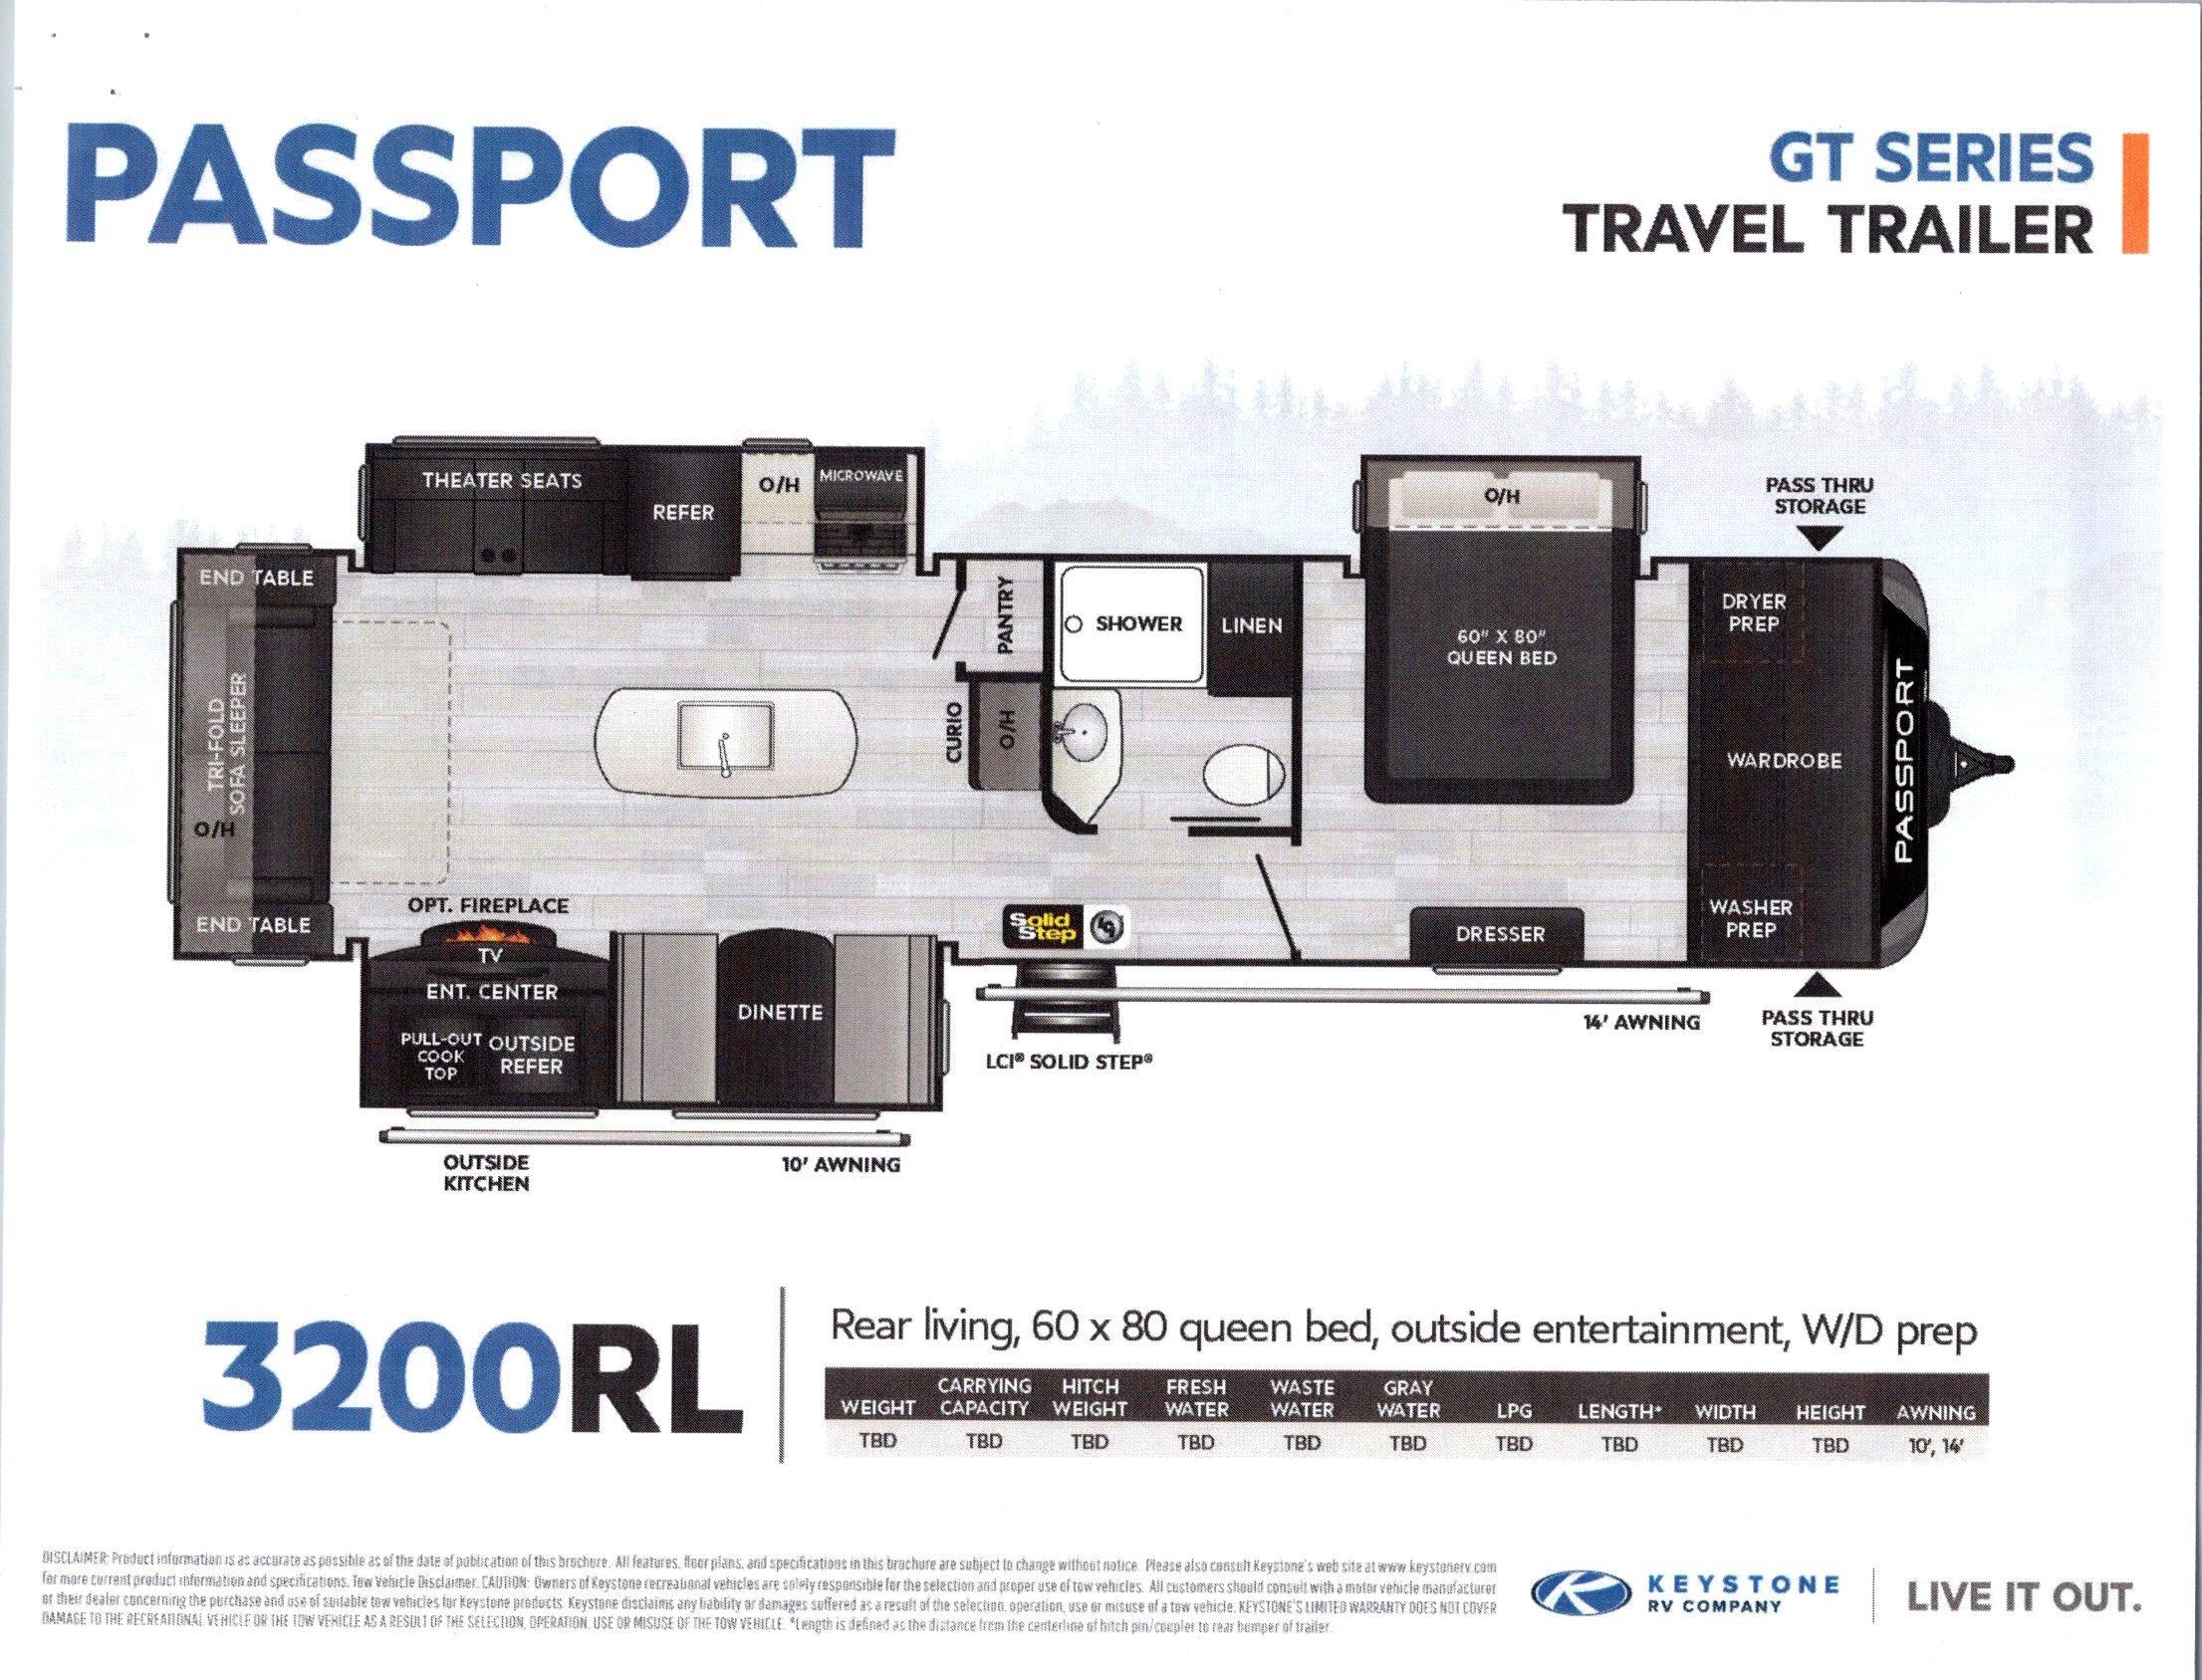 2021 Passport 3200RL GT Series